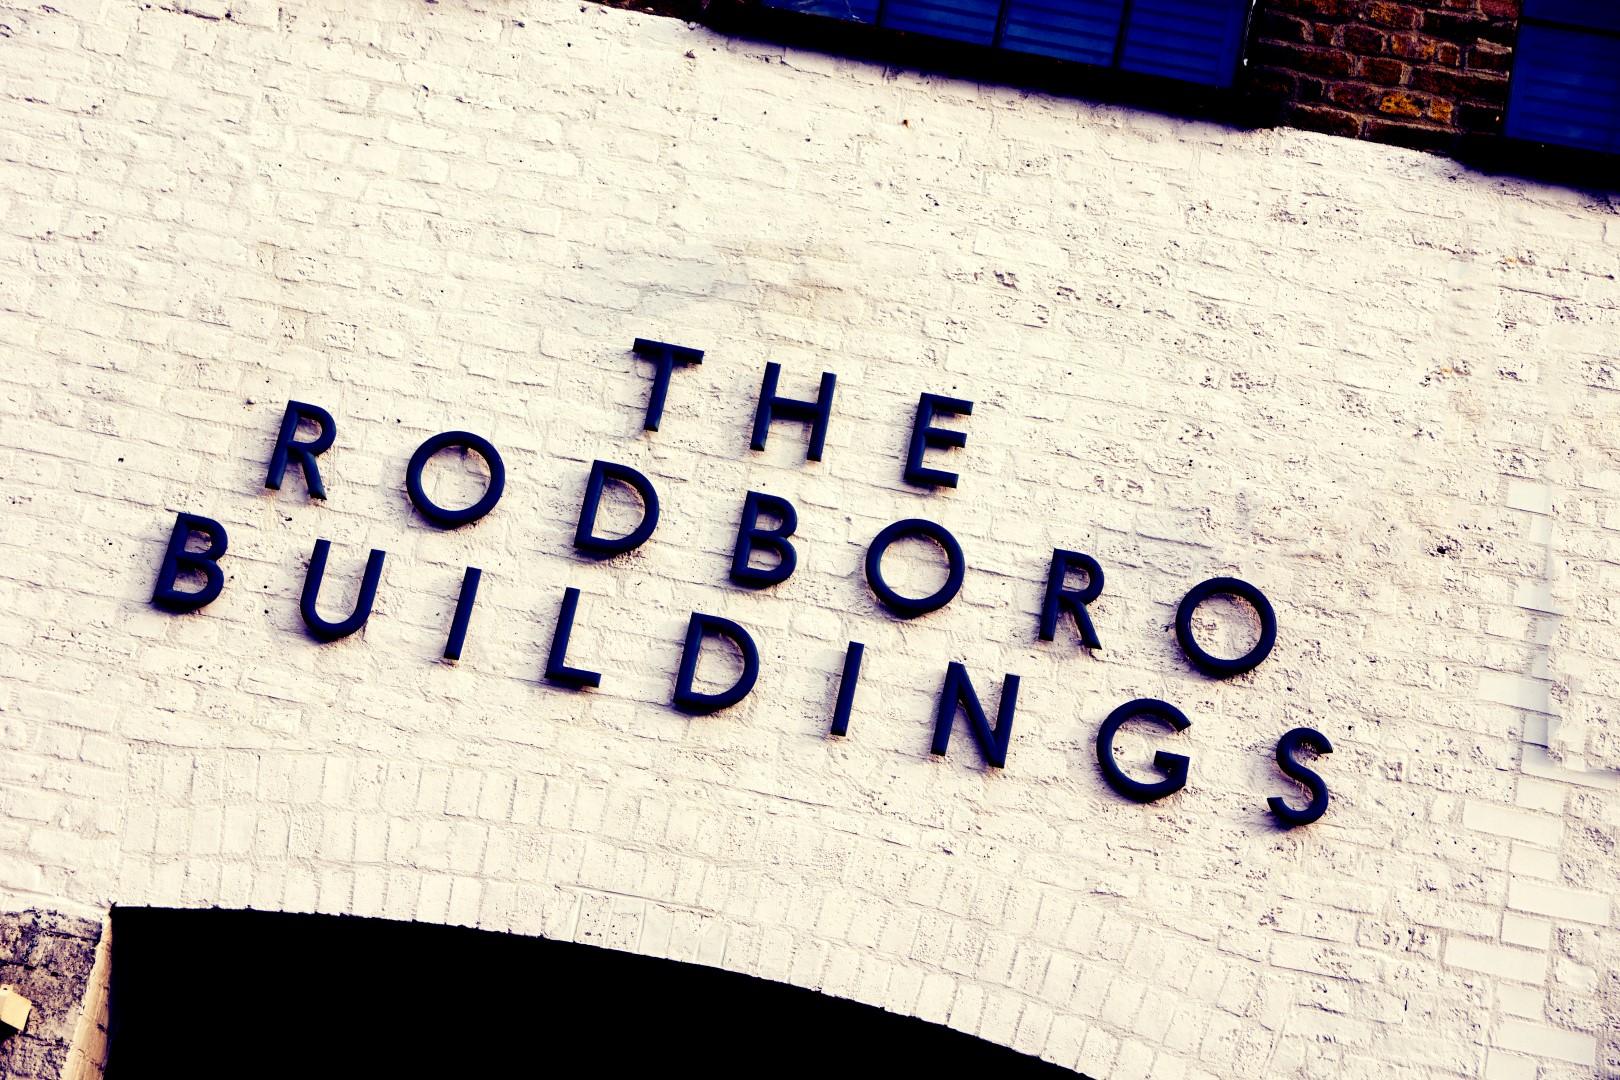 Rodboro (2).jpg